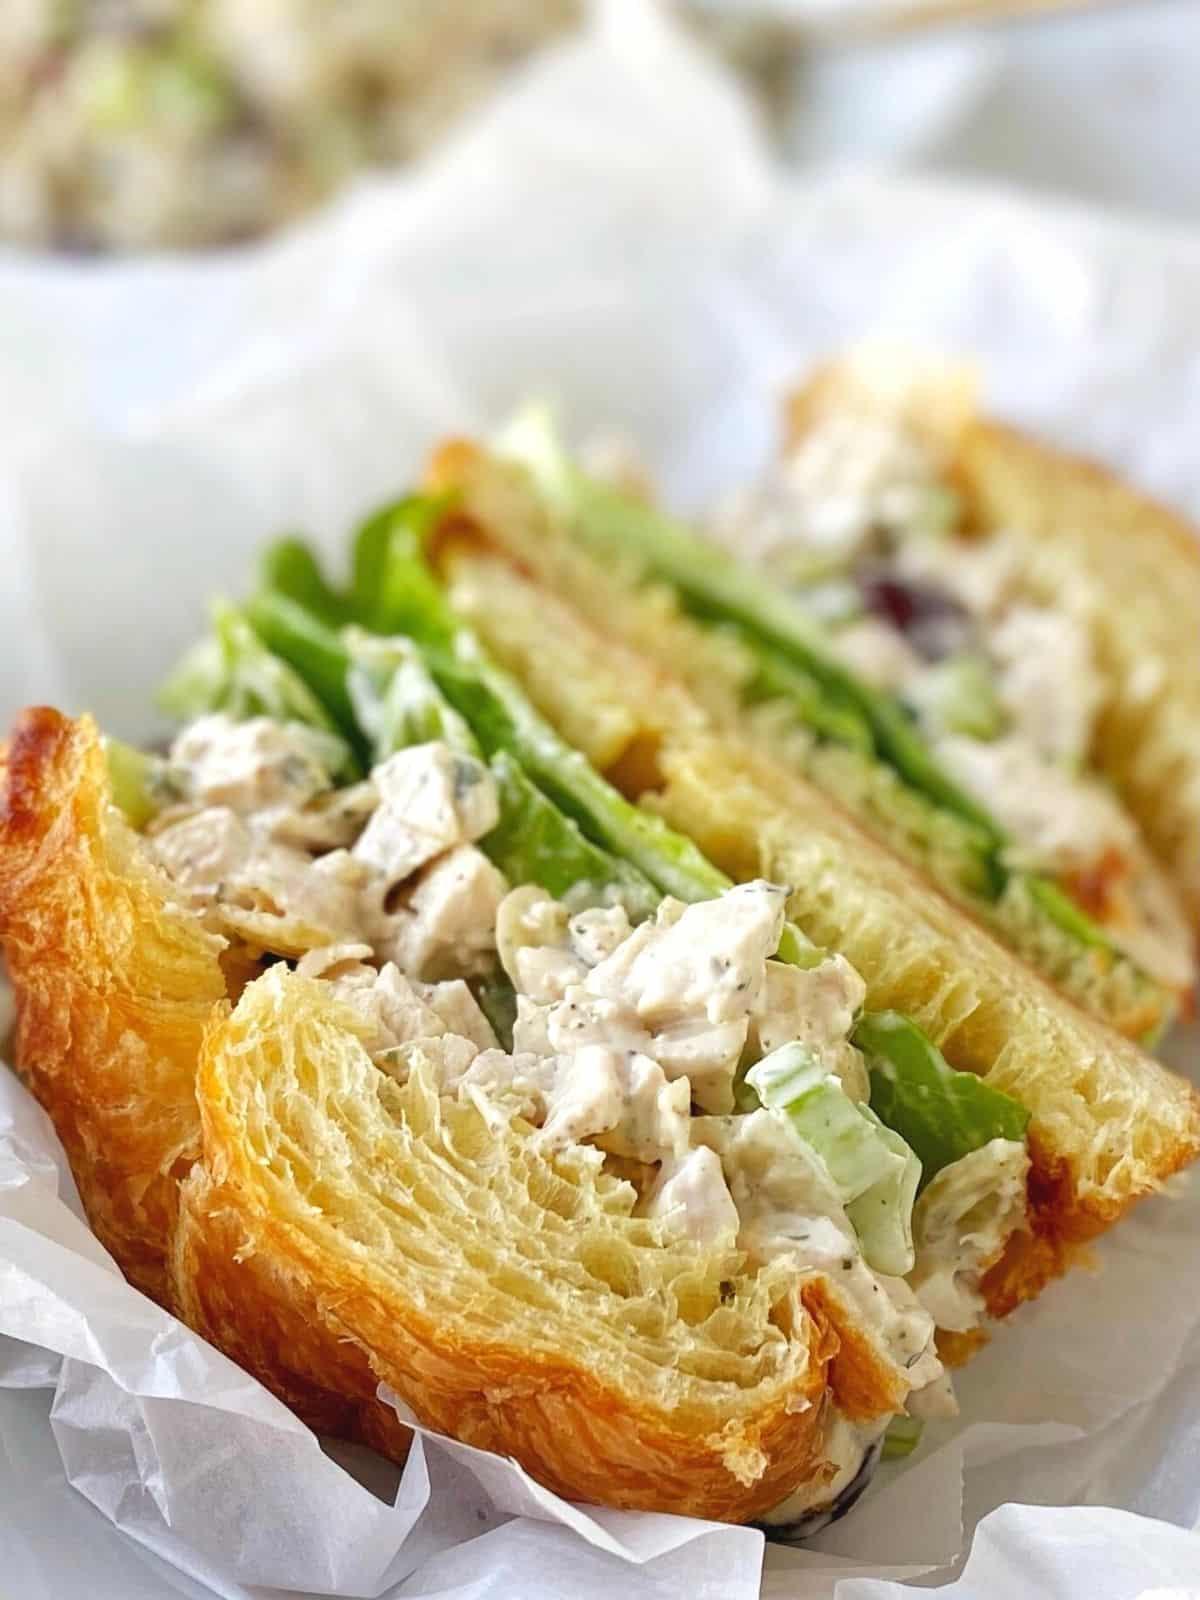 close up of croissant sandwich